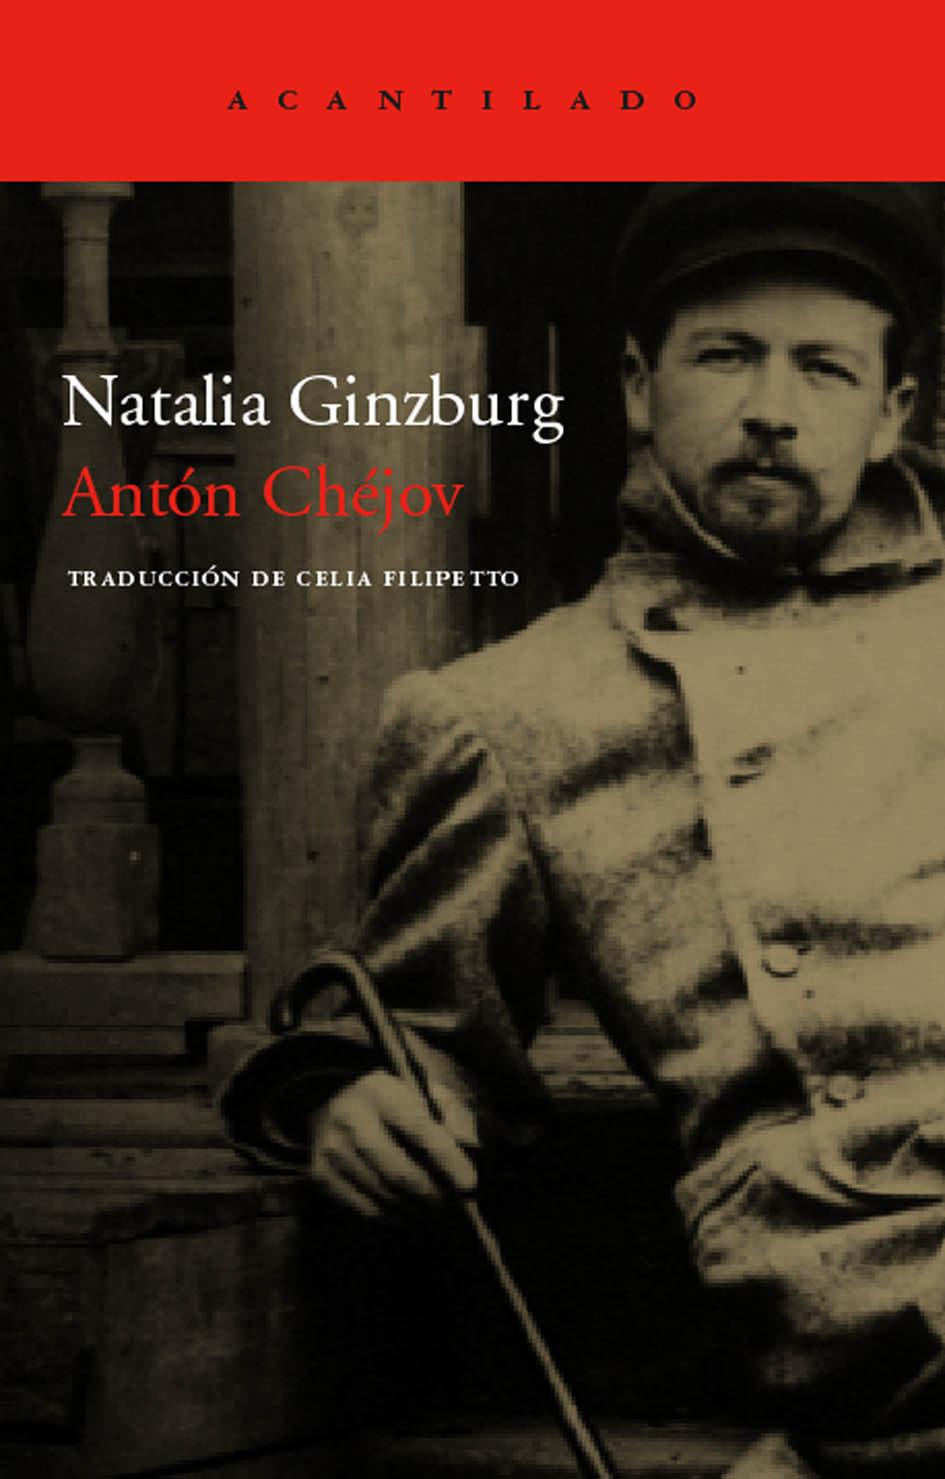 Anton Chejov por Natalia Ginzburg